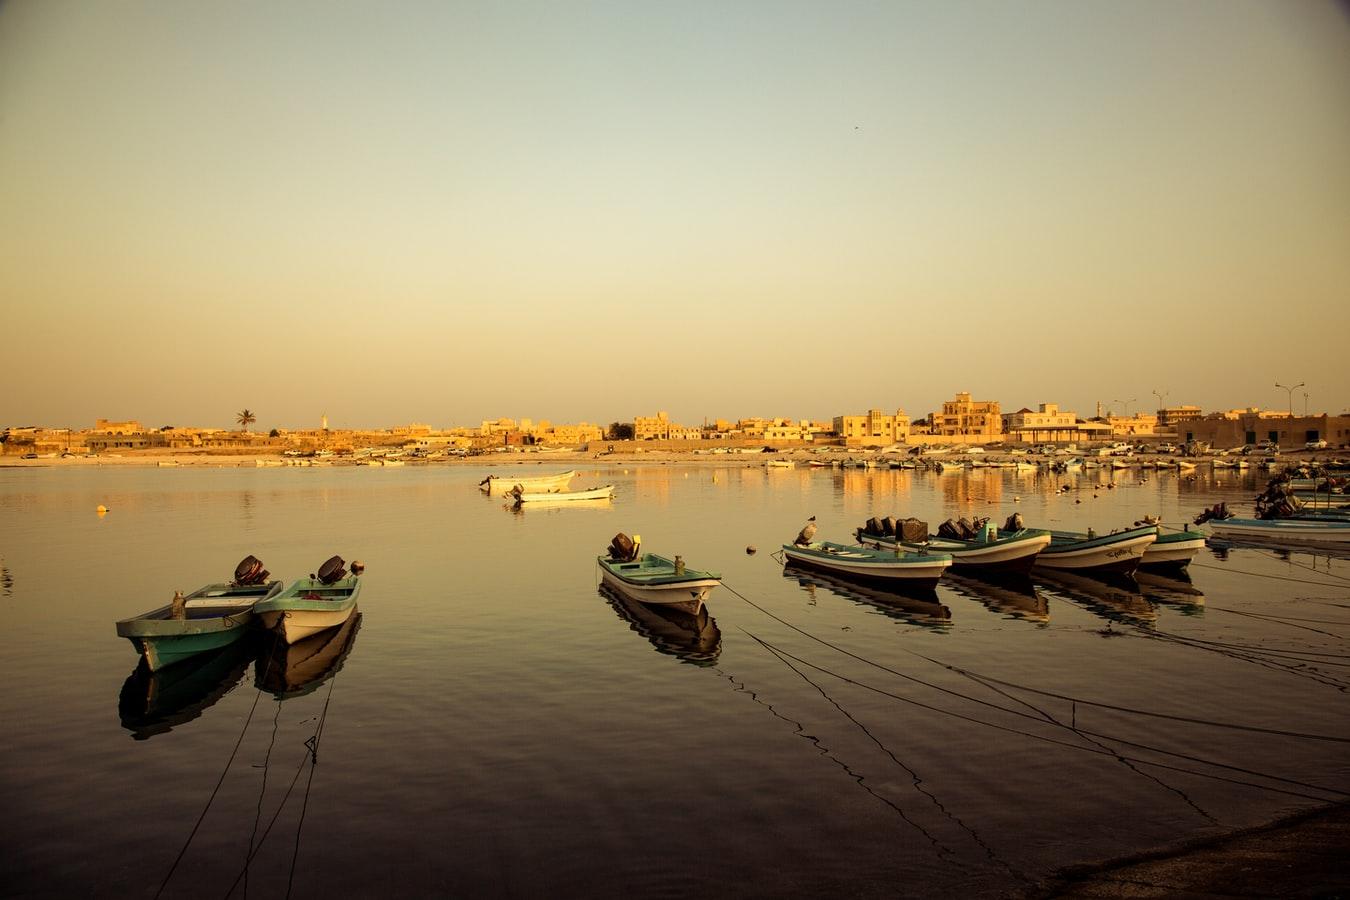 Auslandspraktikum in Oman - Salala